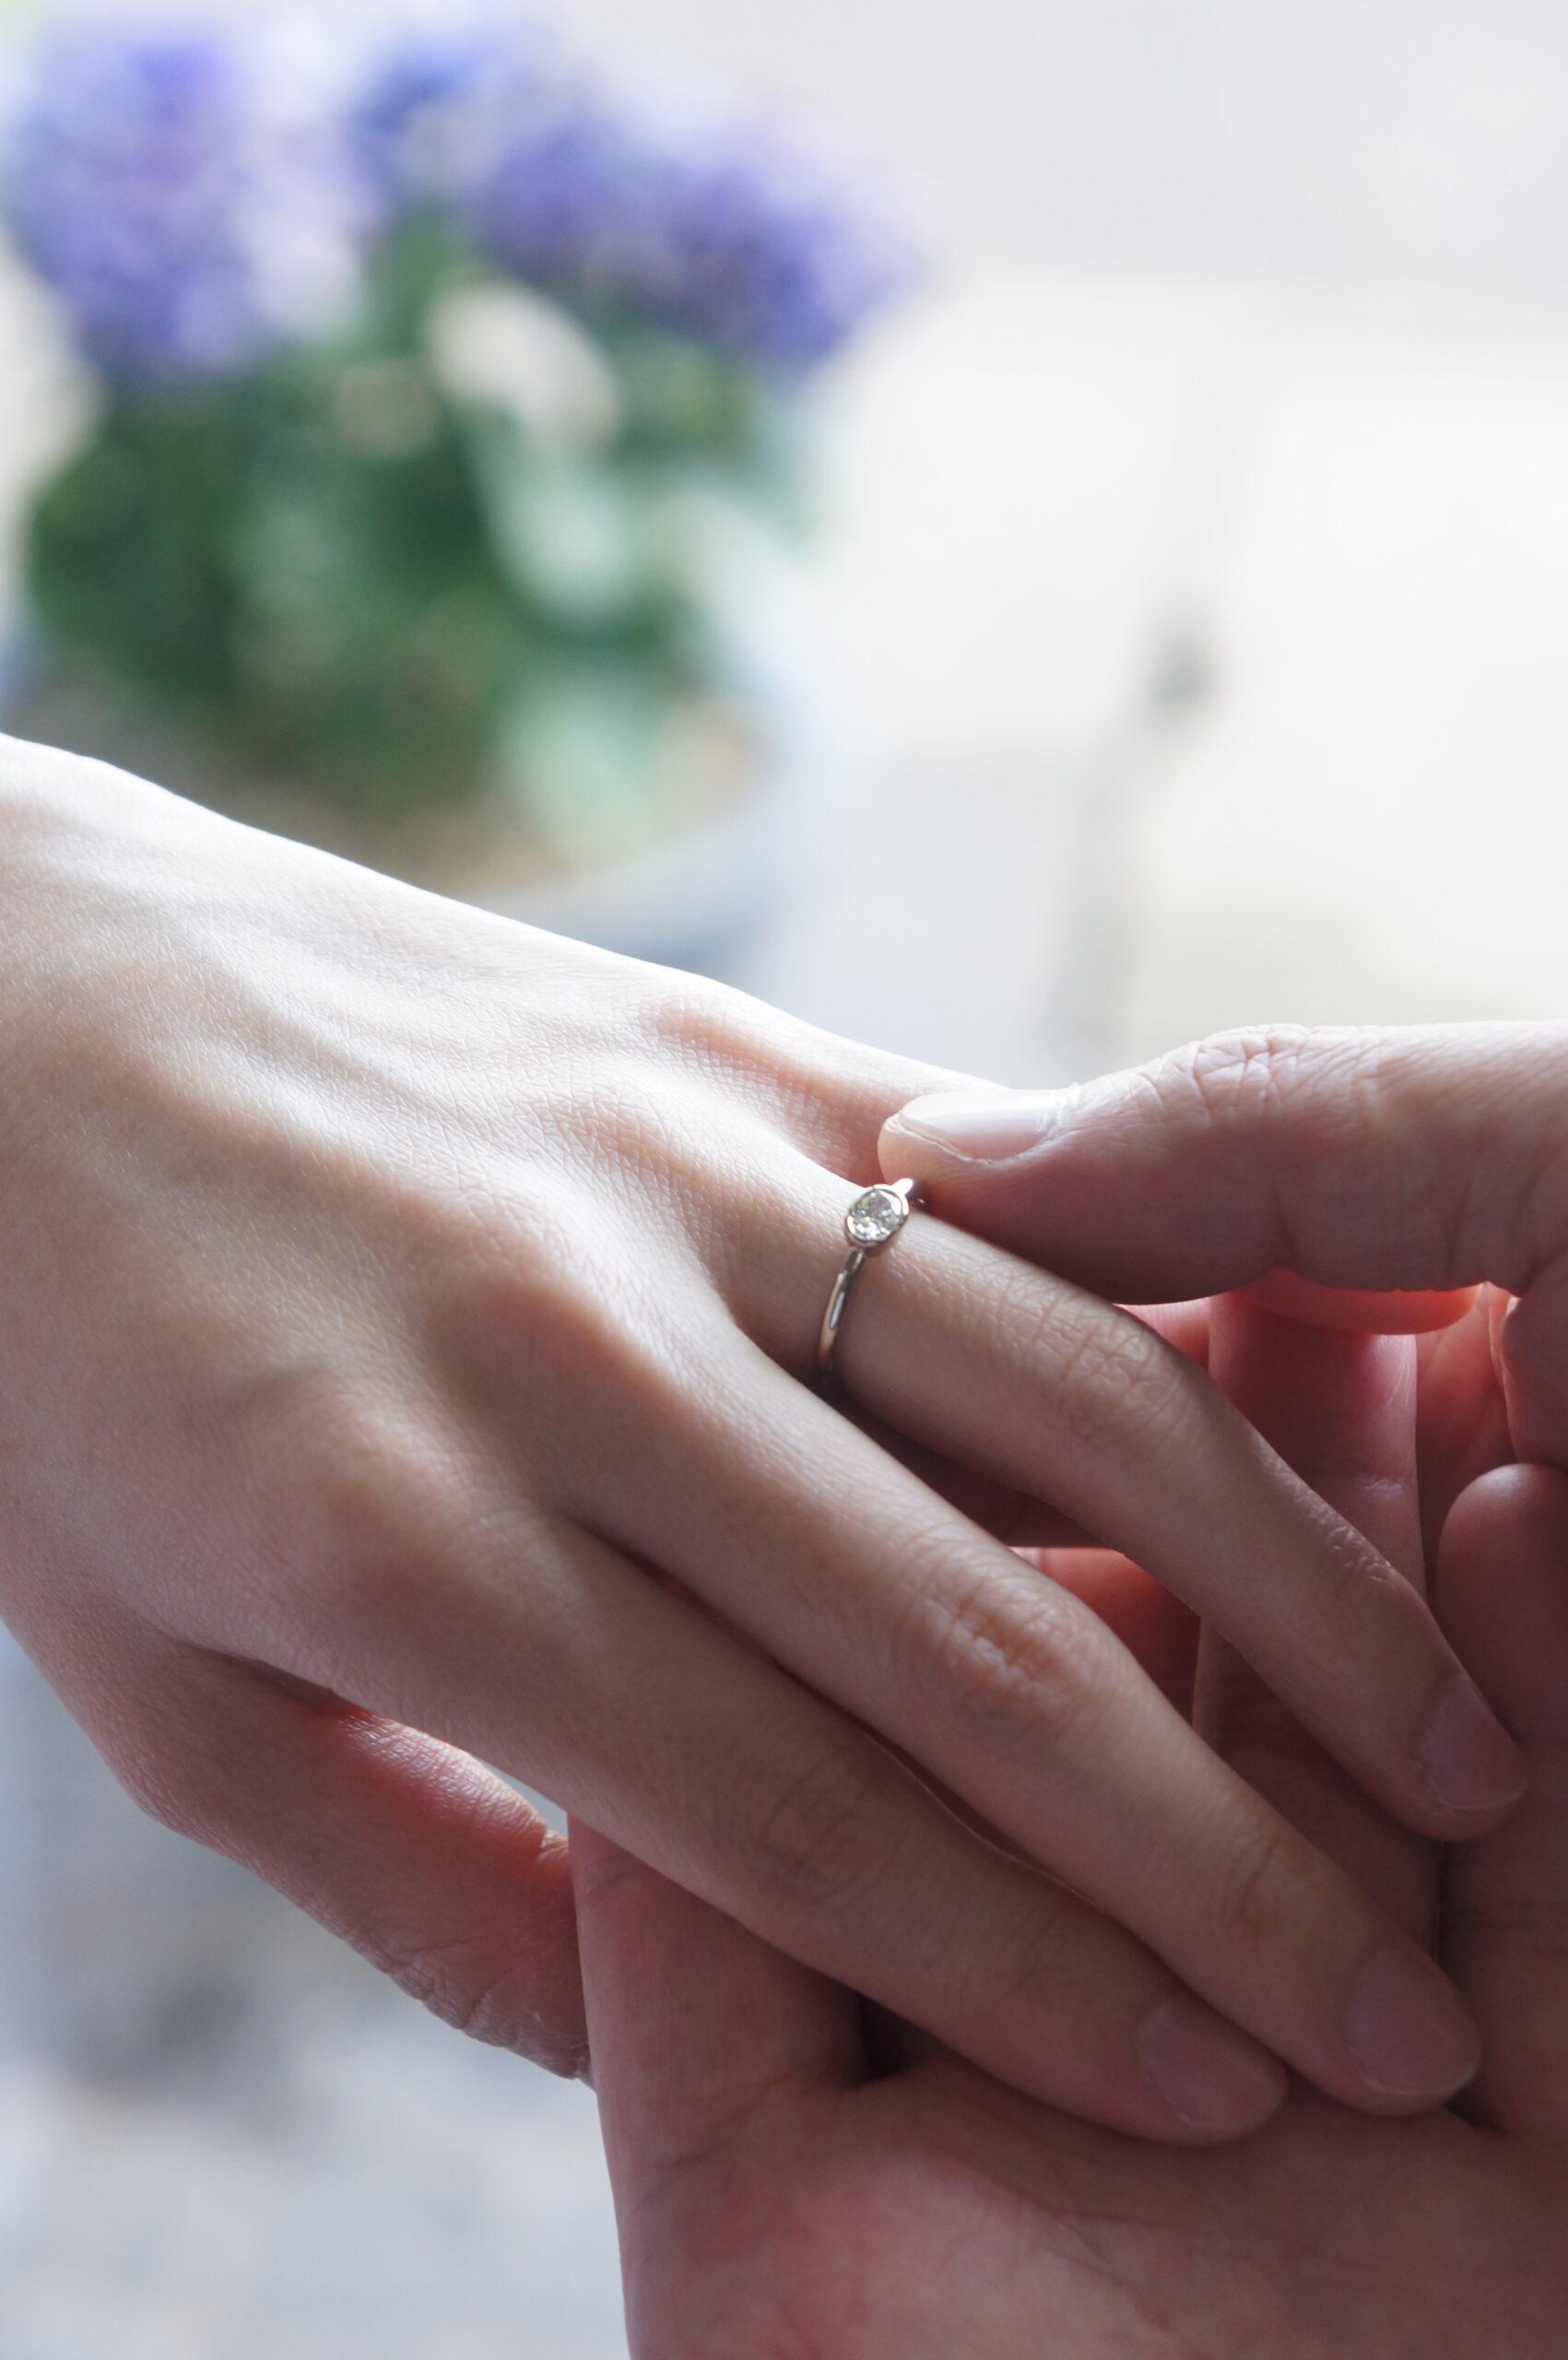 お二人で選ばれたダイアモンドで婚約指輪をお仕立てさせていただきました♡